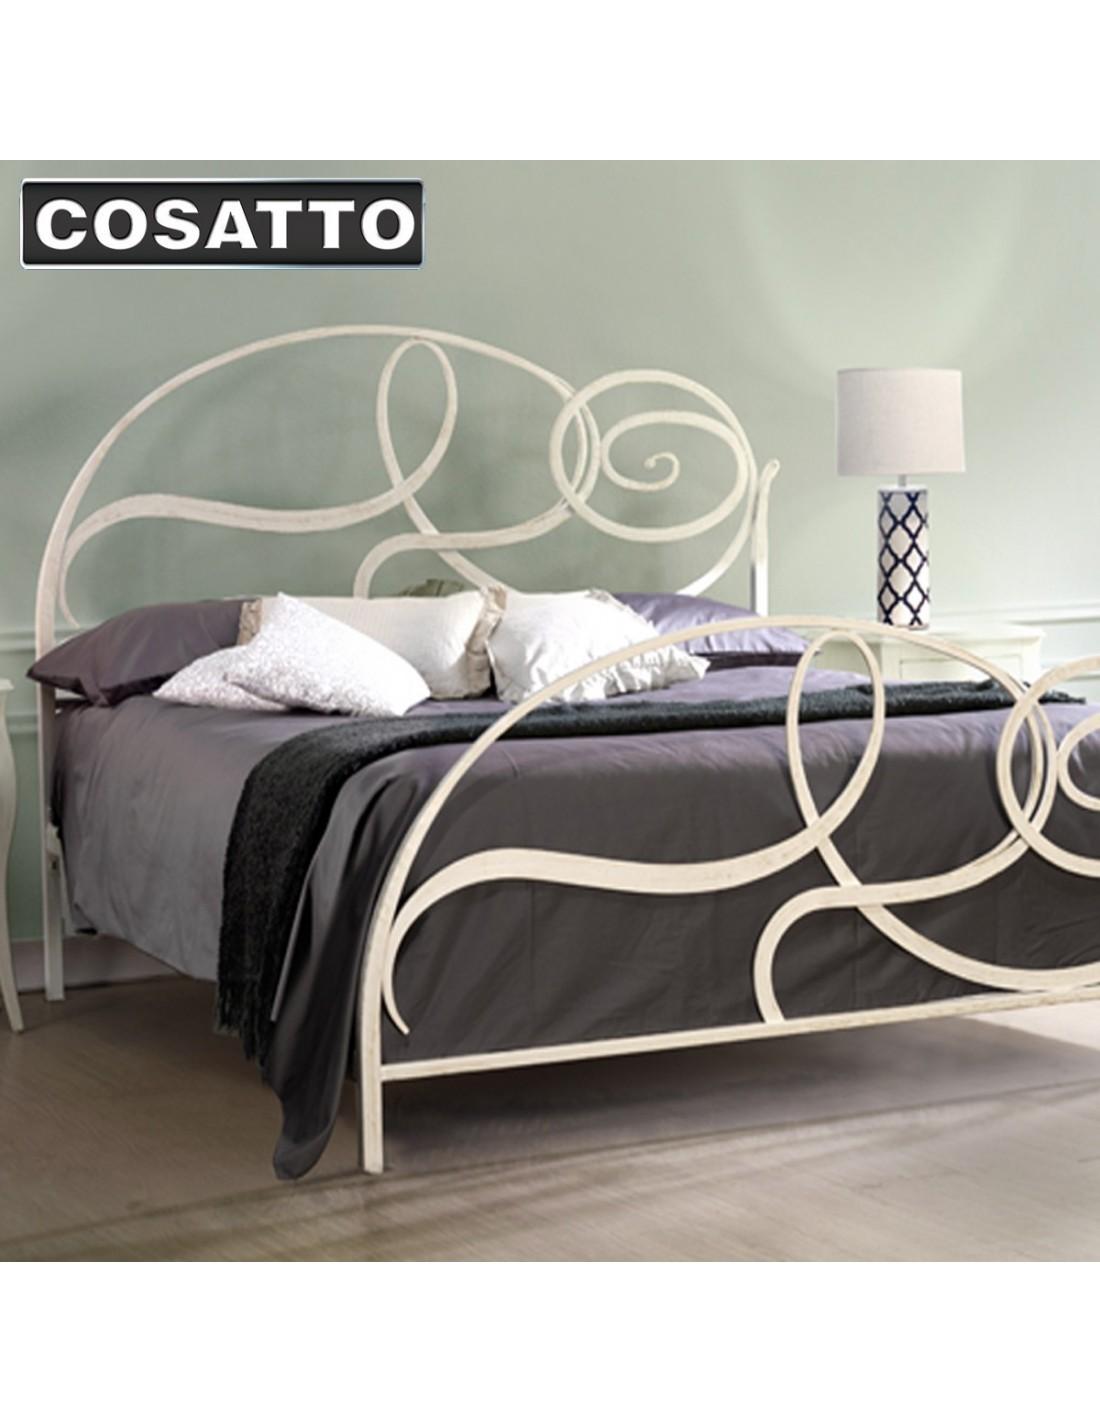 Capriccio letto in ferro Cosatto prezzi in offerta